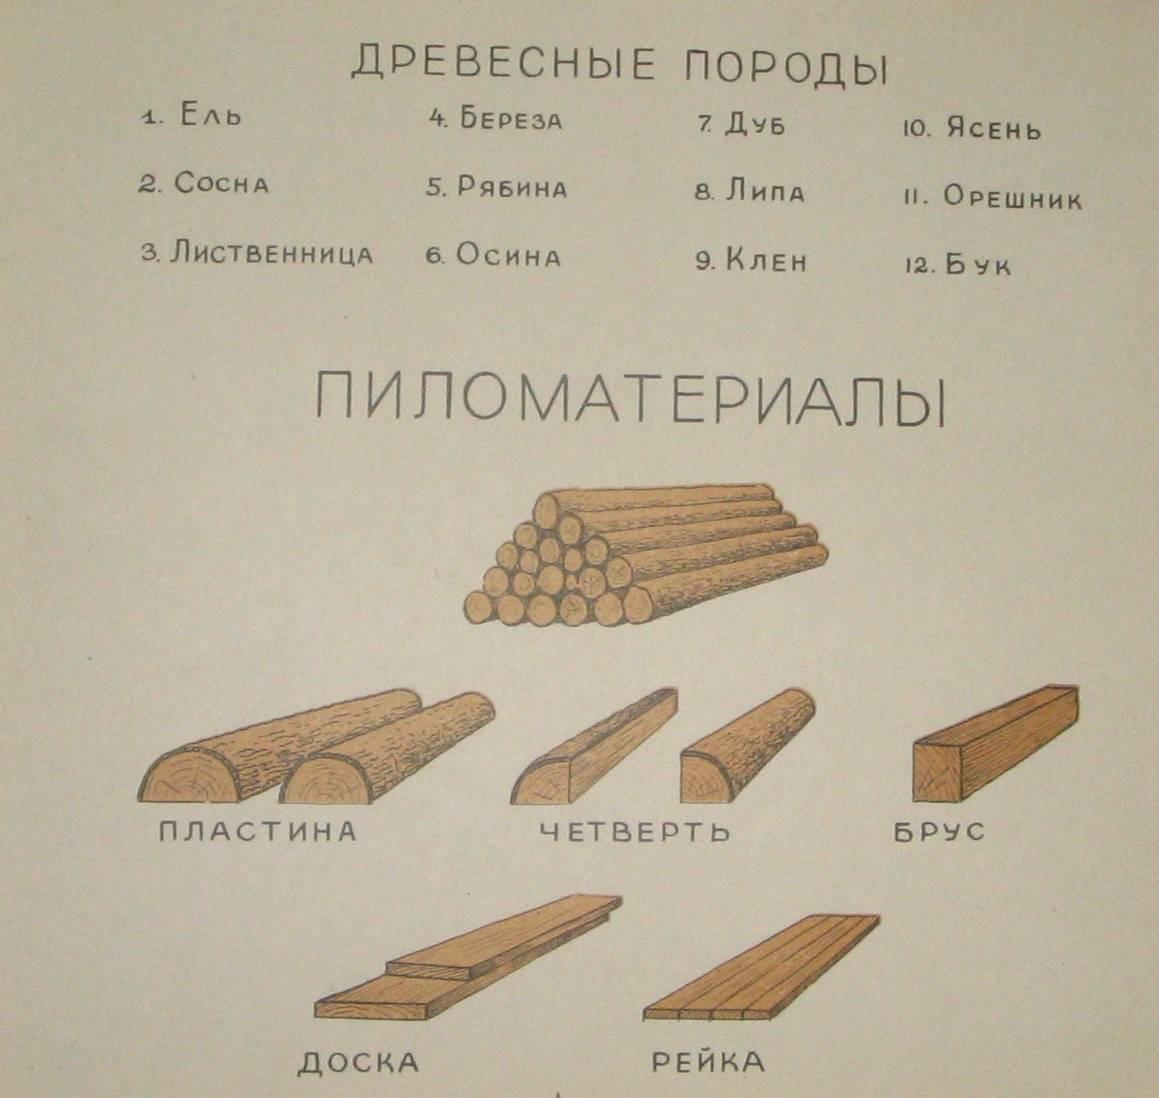 Доски 3 сорта (18 фото): характеристики обрезной и необрезной доски, гост, возможные пороки, область применения